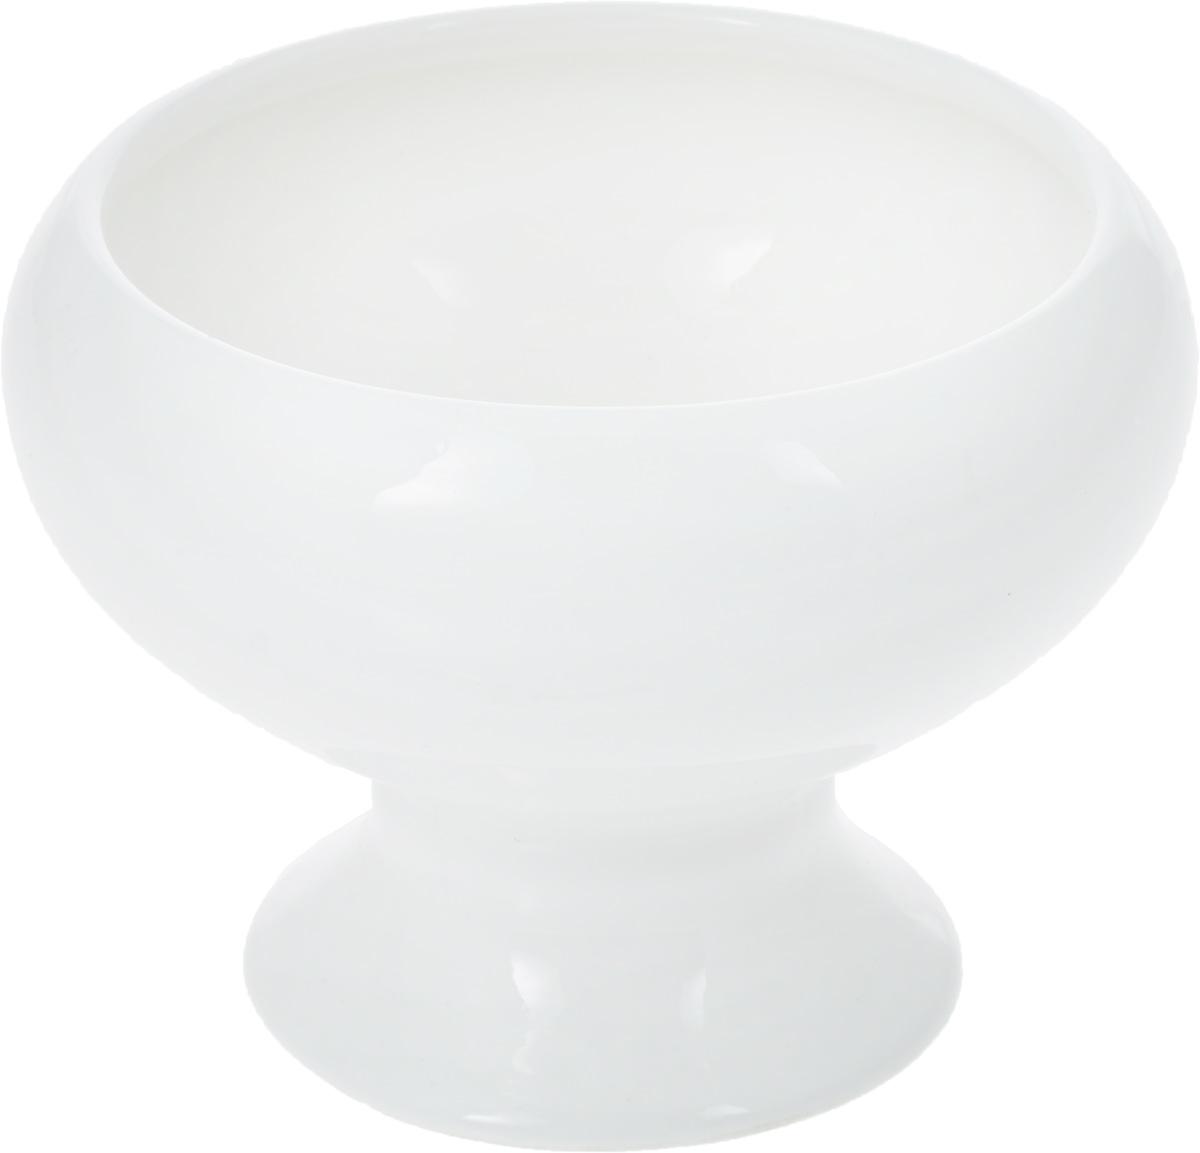 Креманка Wilmax, 285 млWL-995006 / AКреманка Wilmax изготовлена из высококачественного фарфора, покрытогоглазурью. Изделие предназначено для подачи мороженого и различных десертов,также может использоваться для хранения варенья, меда, джемов. Такаякреманка пригодится в любом хозяйстве, она подойдет как для праздничногостола, так и для повседневного использования. Изделие функциональное,практичное и легкое в уходе.Диаметр креманки (по верхнему краю): 9 см.Внешний диаметр креманки: 11 см.Высота креманки: 8 см.